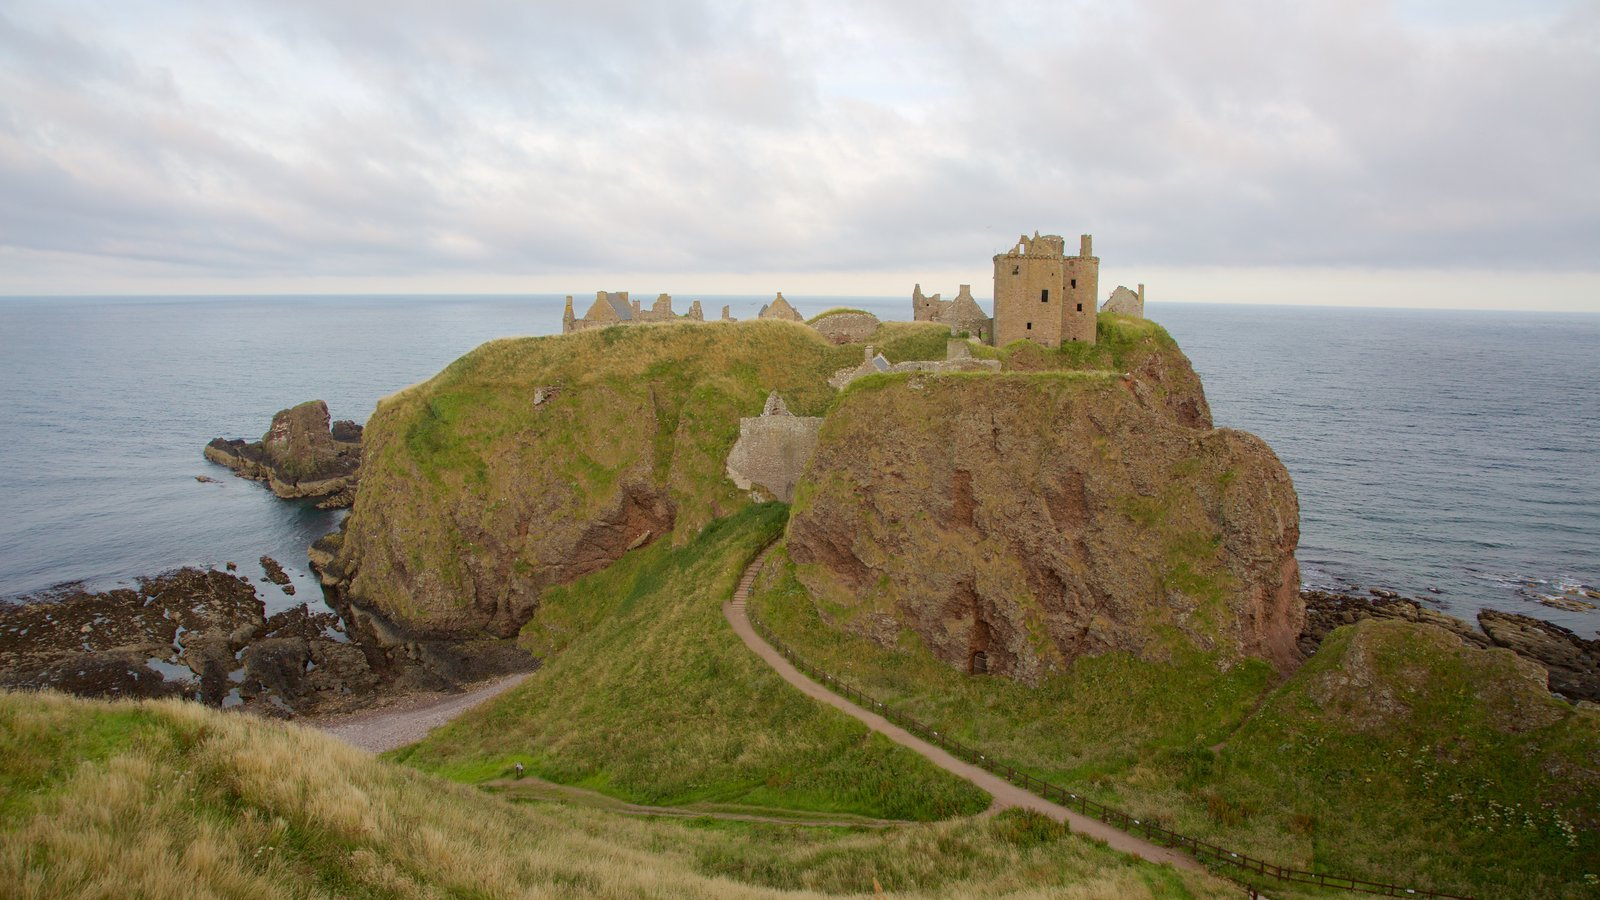 Dunnottar Castle mostrando castillo o palacio, vistas generales de la costa y tierras de cultivo